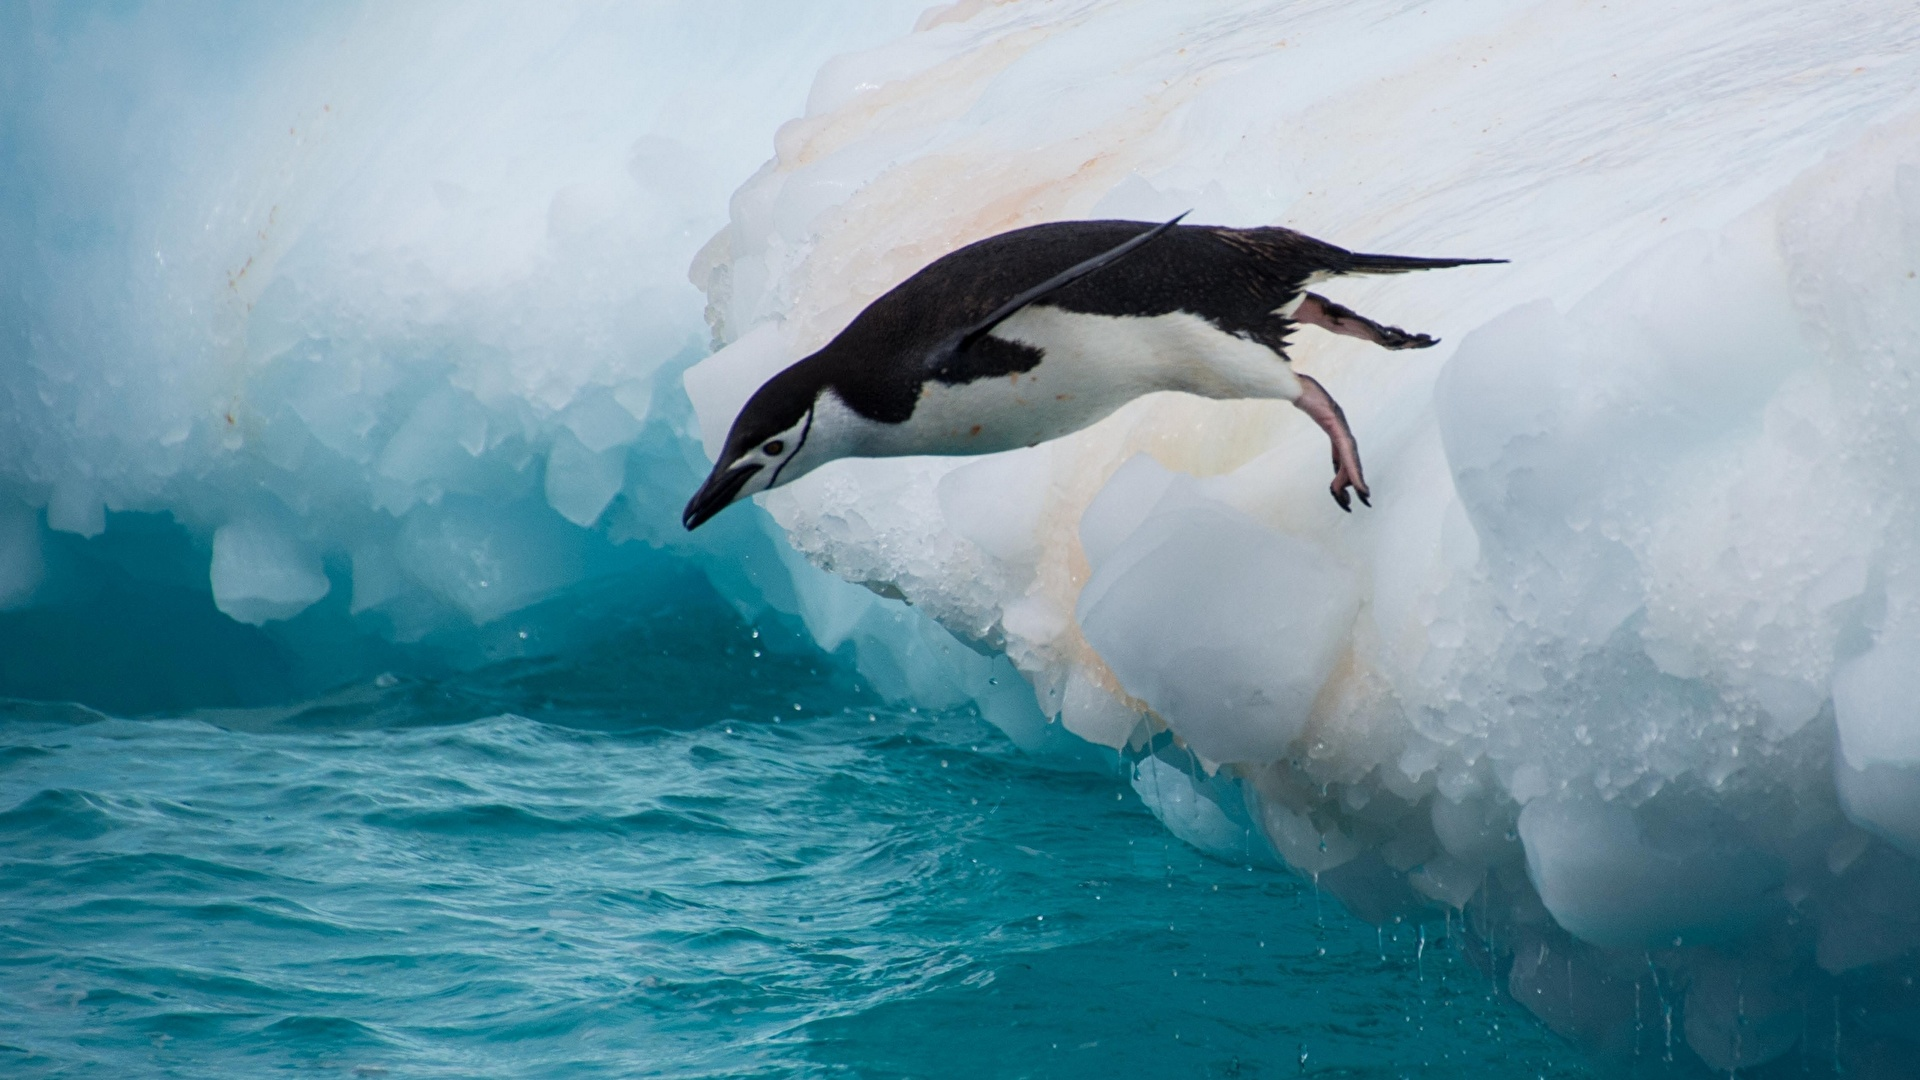 壁紙 1920x1080 ペンギン 水 Chinstrap Penguin 飛び 氷 動物